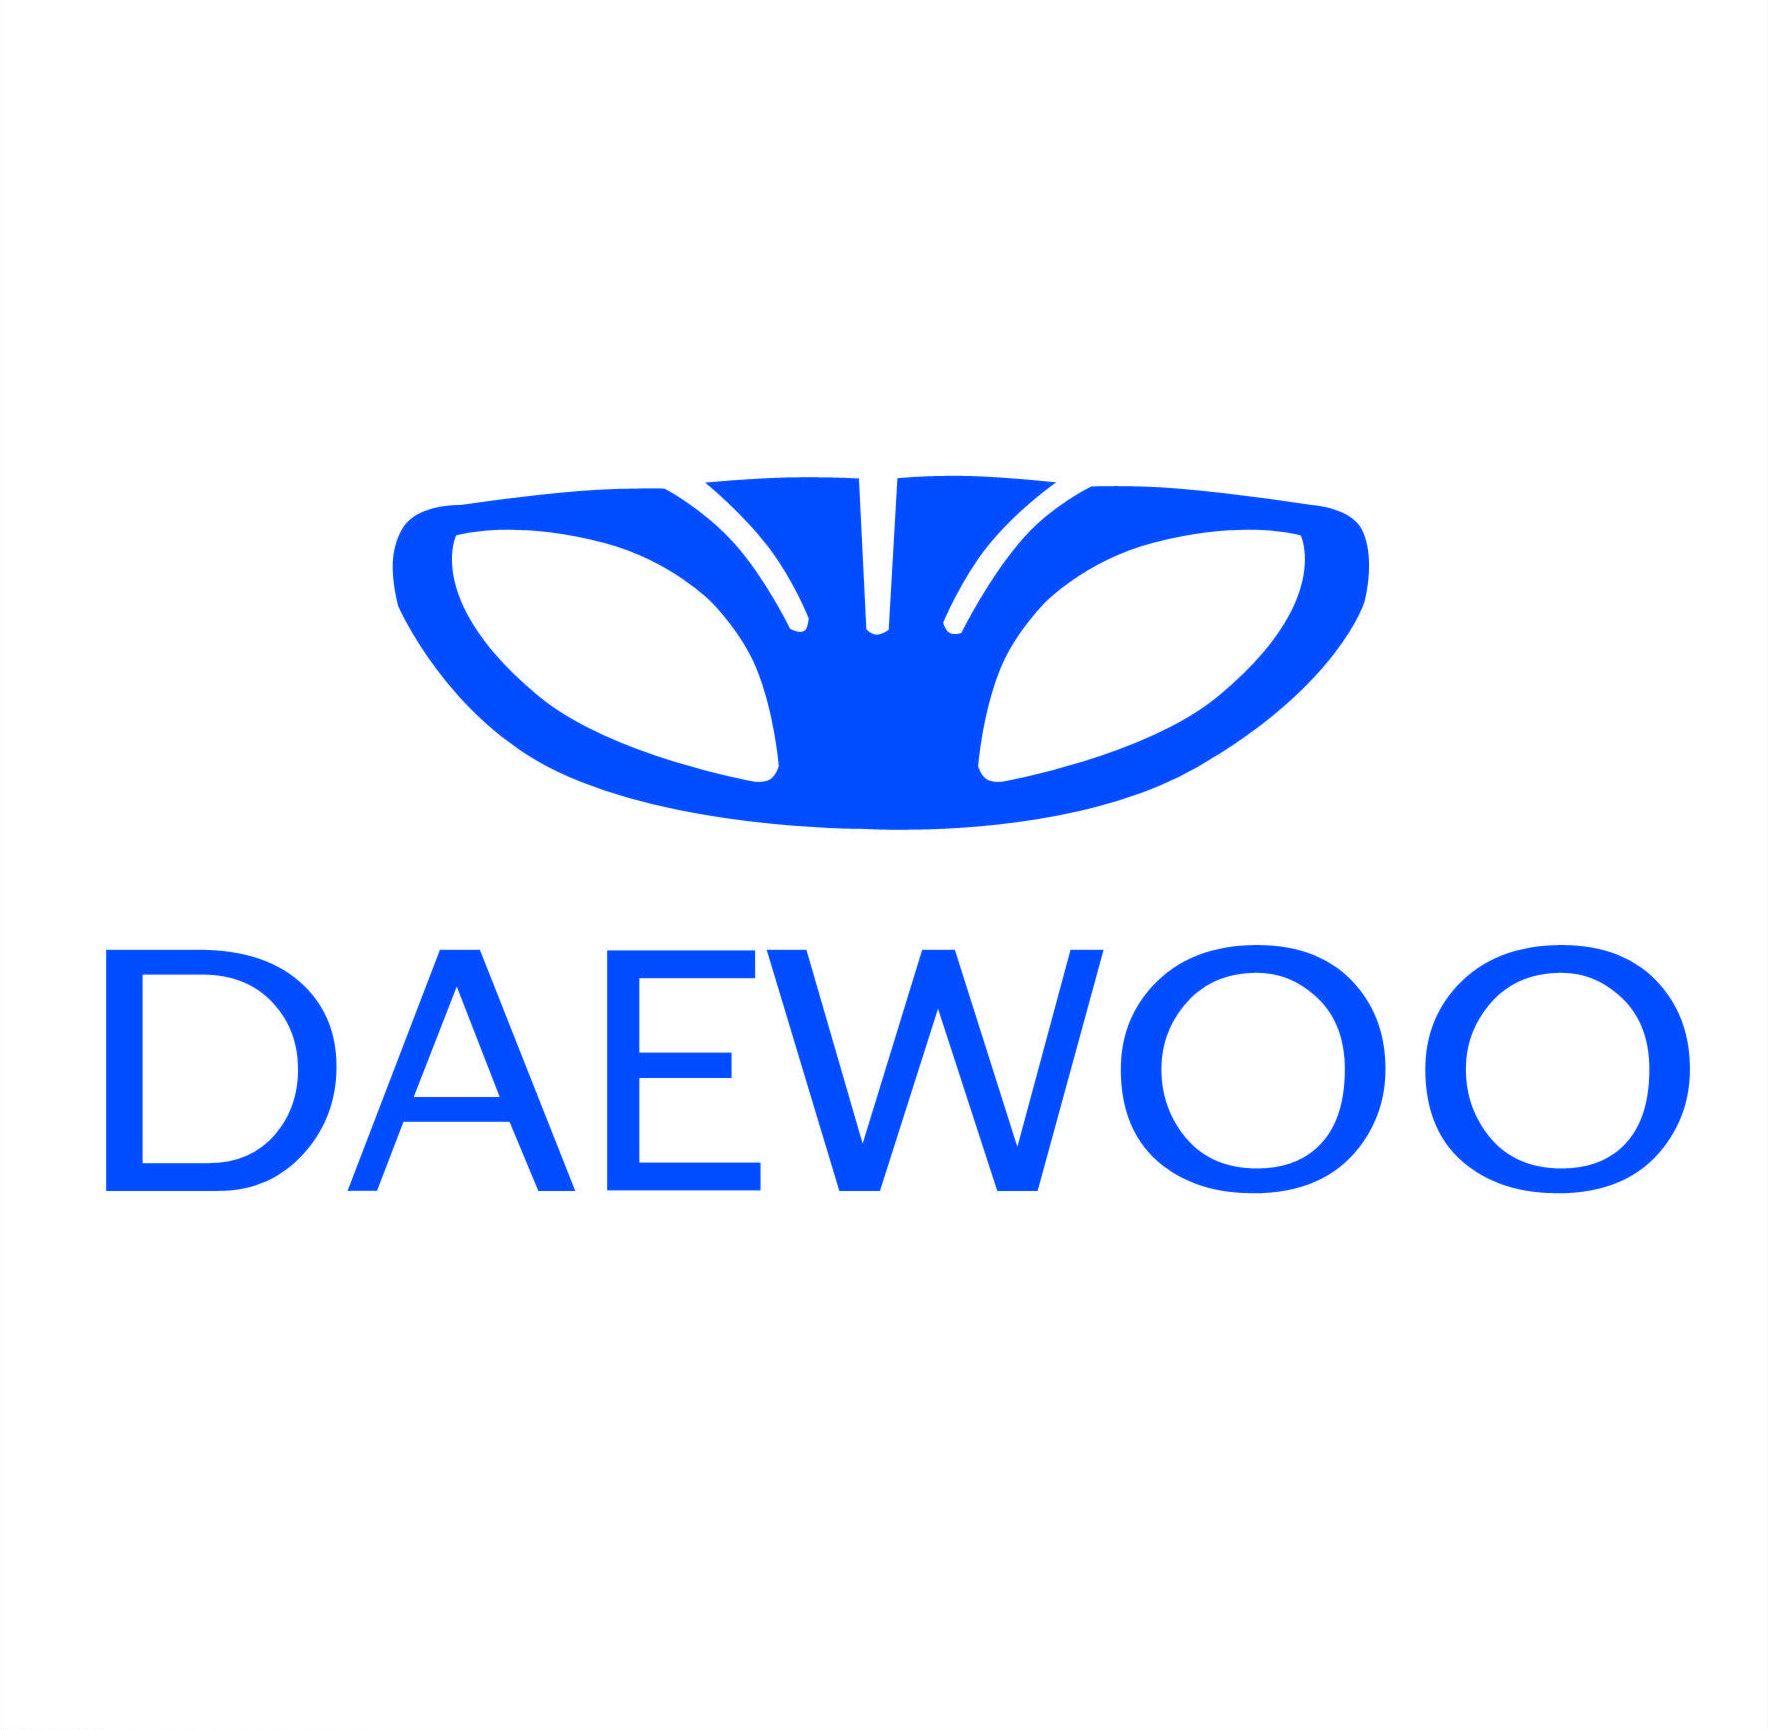 Daewoo Emblem: Cars Heraldry / Автогеральдика